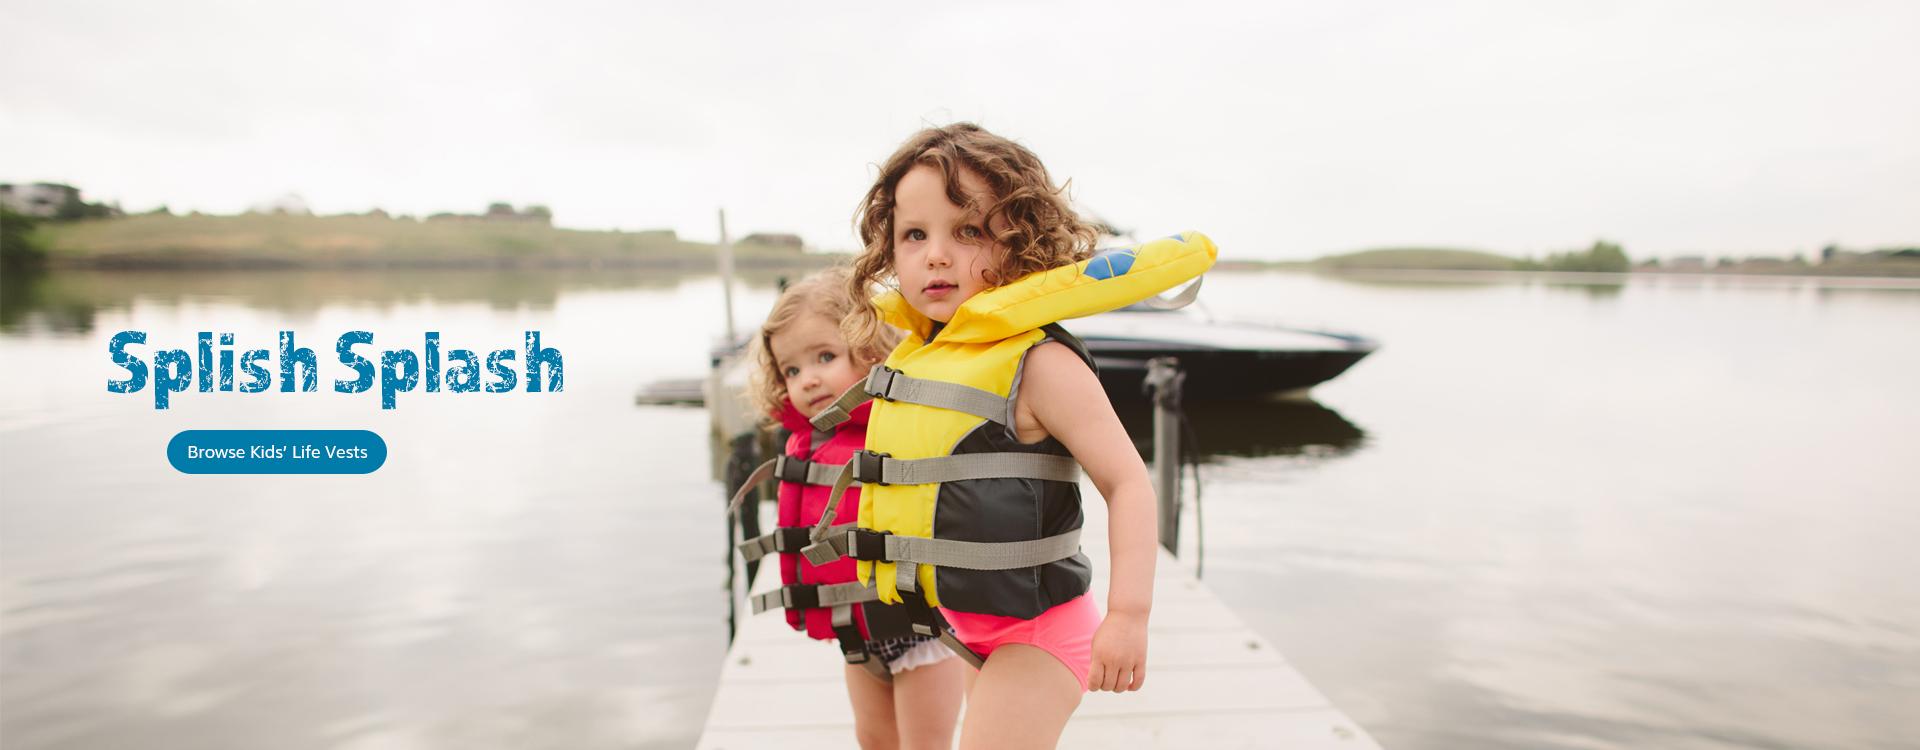 Browse Kids' Life Vests